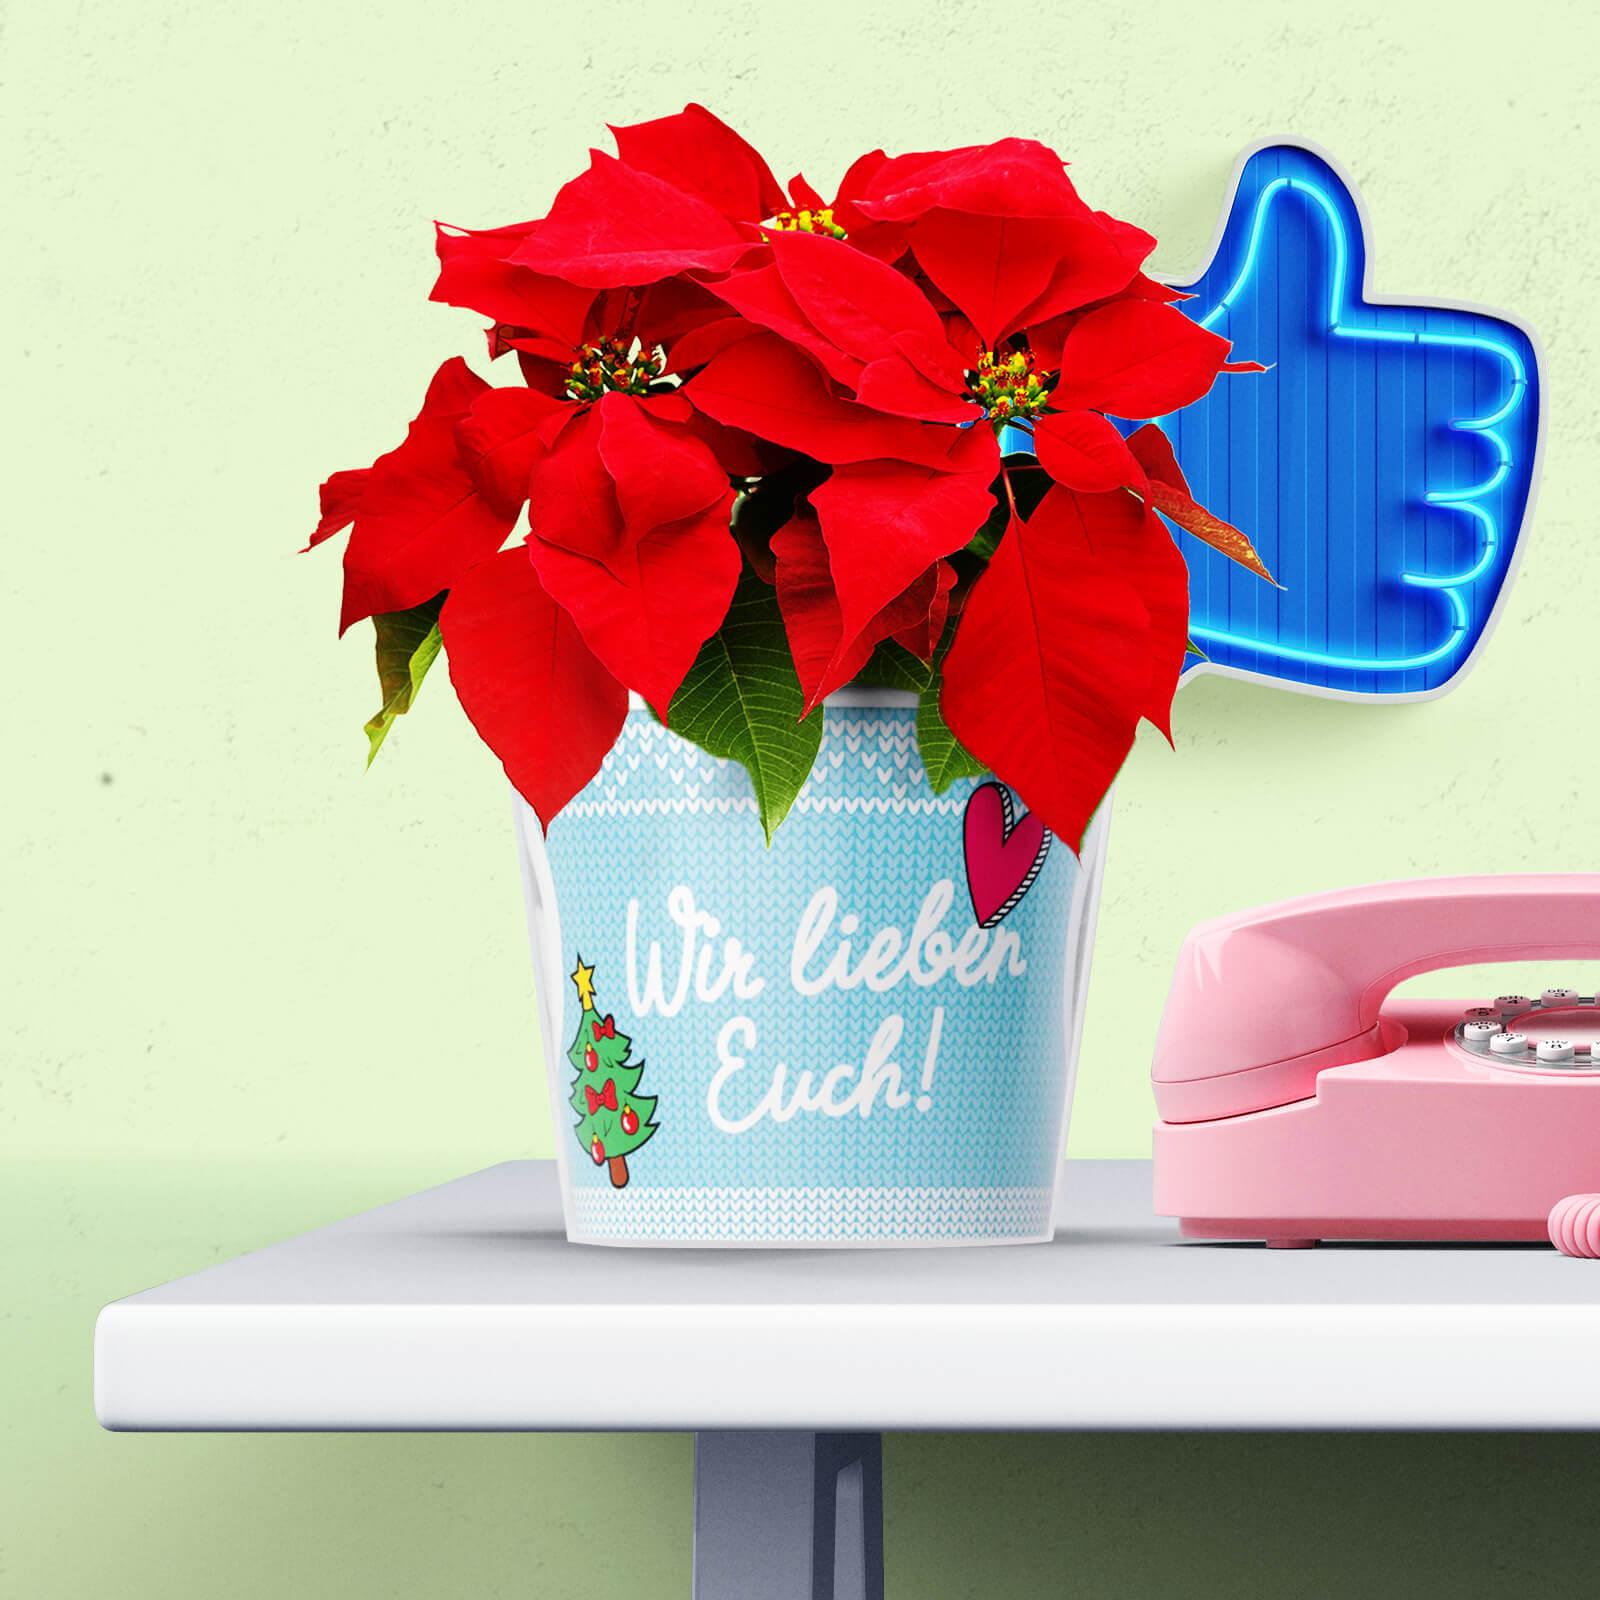 Weihnachtsgeschenke für Großeltern: Wir Lieben Euch